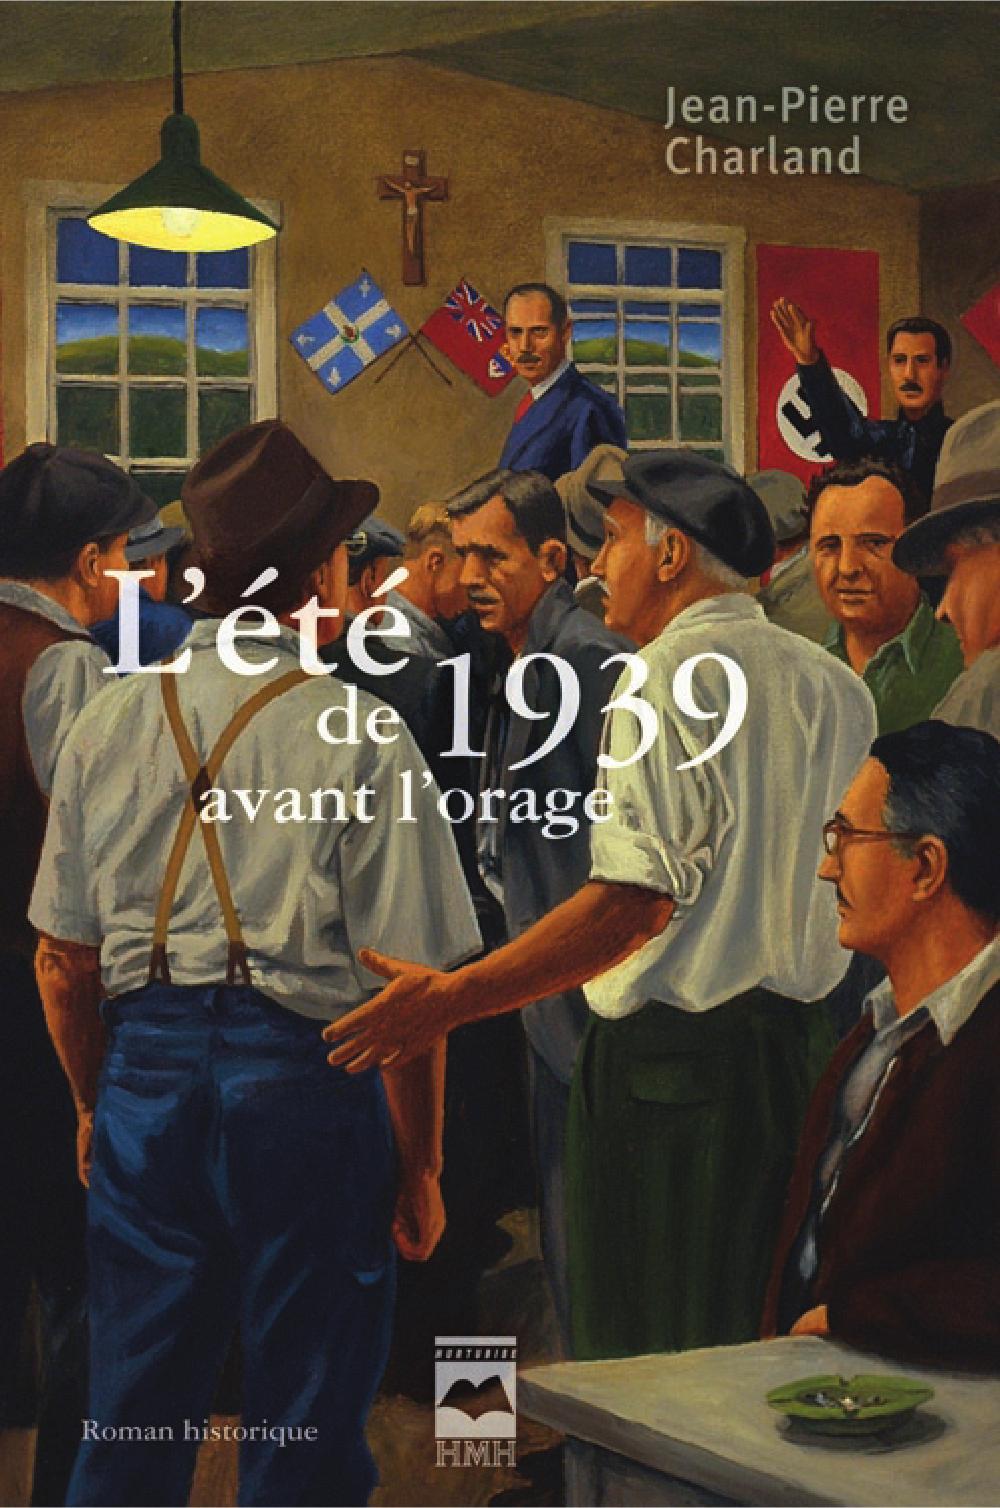 L'Été de 1939 avant l'orage